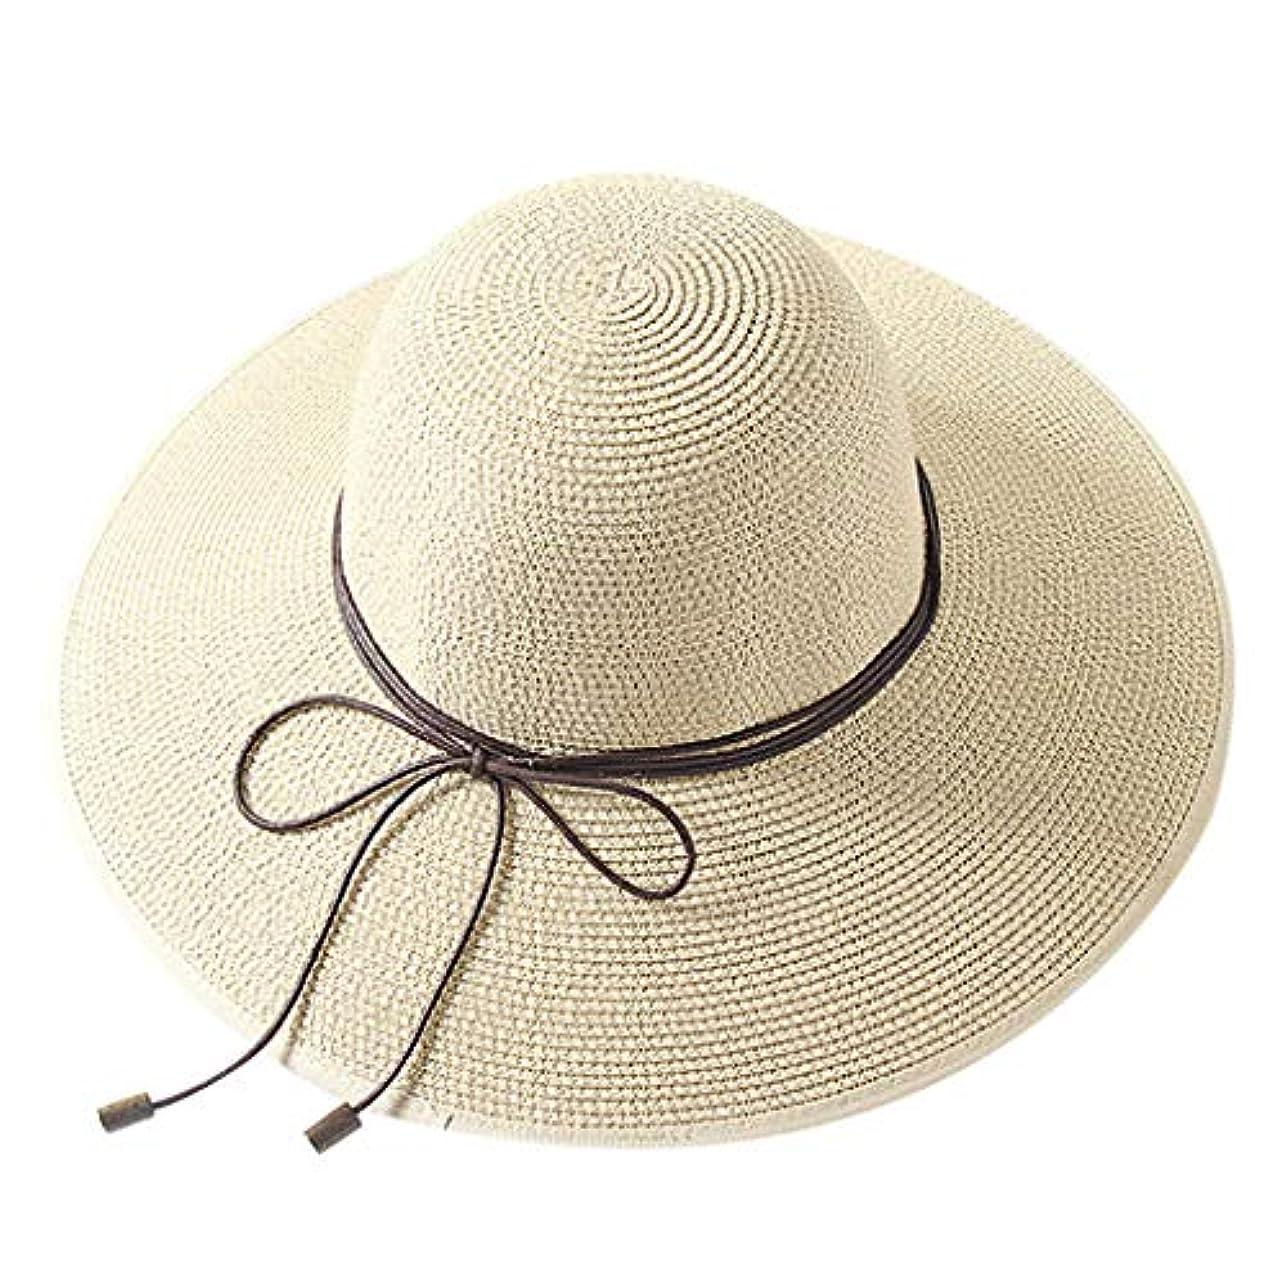 旅郵便物寛容な帽子 レディース 大きいサイズ 日よけ つば広 紫外線対策 小顔効果抜群 カジュアル 森ガール レディース オールシーズン UV 大きいサイズ 折りたためる 小顔効果 漁師帽 ハットラップ ROSE ROMAN